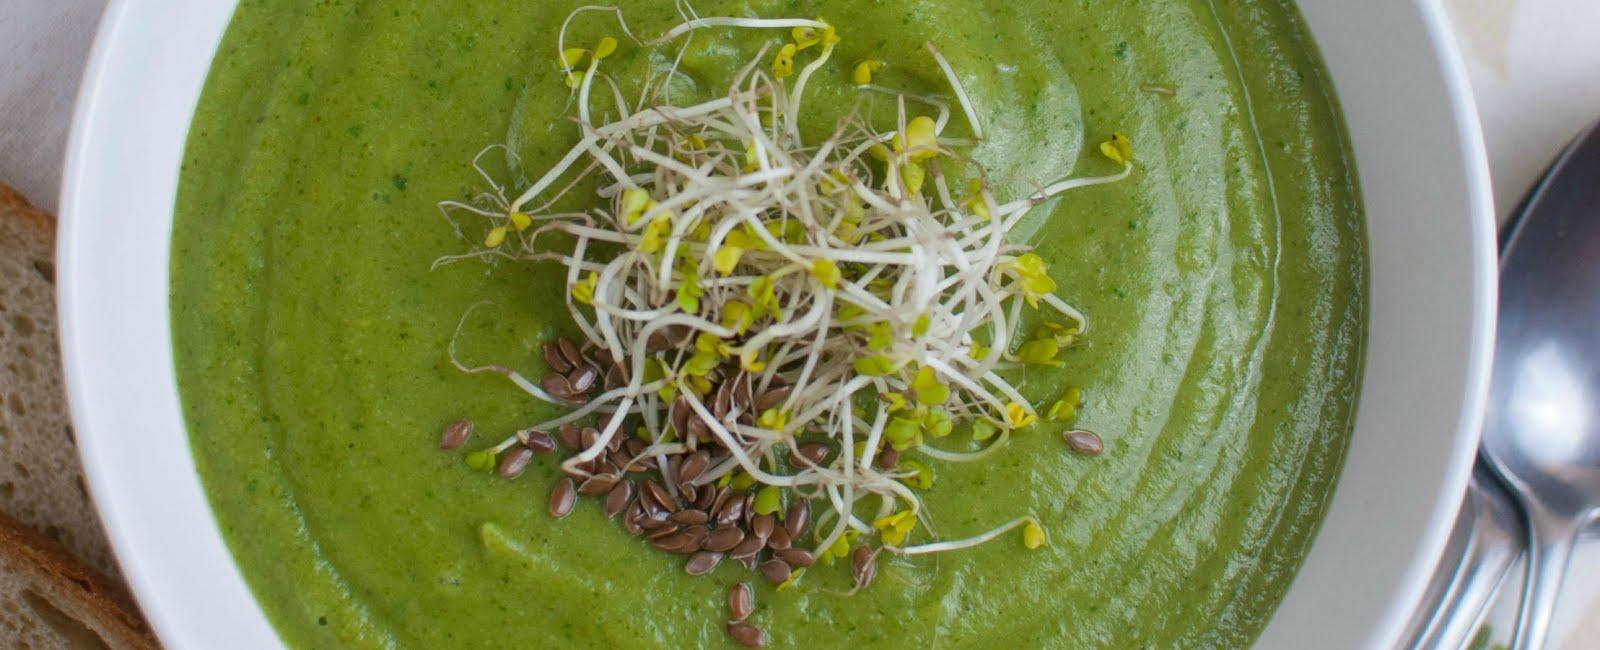 Soczyście zielony krem brokułowy